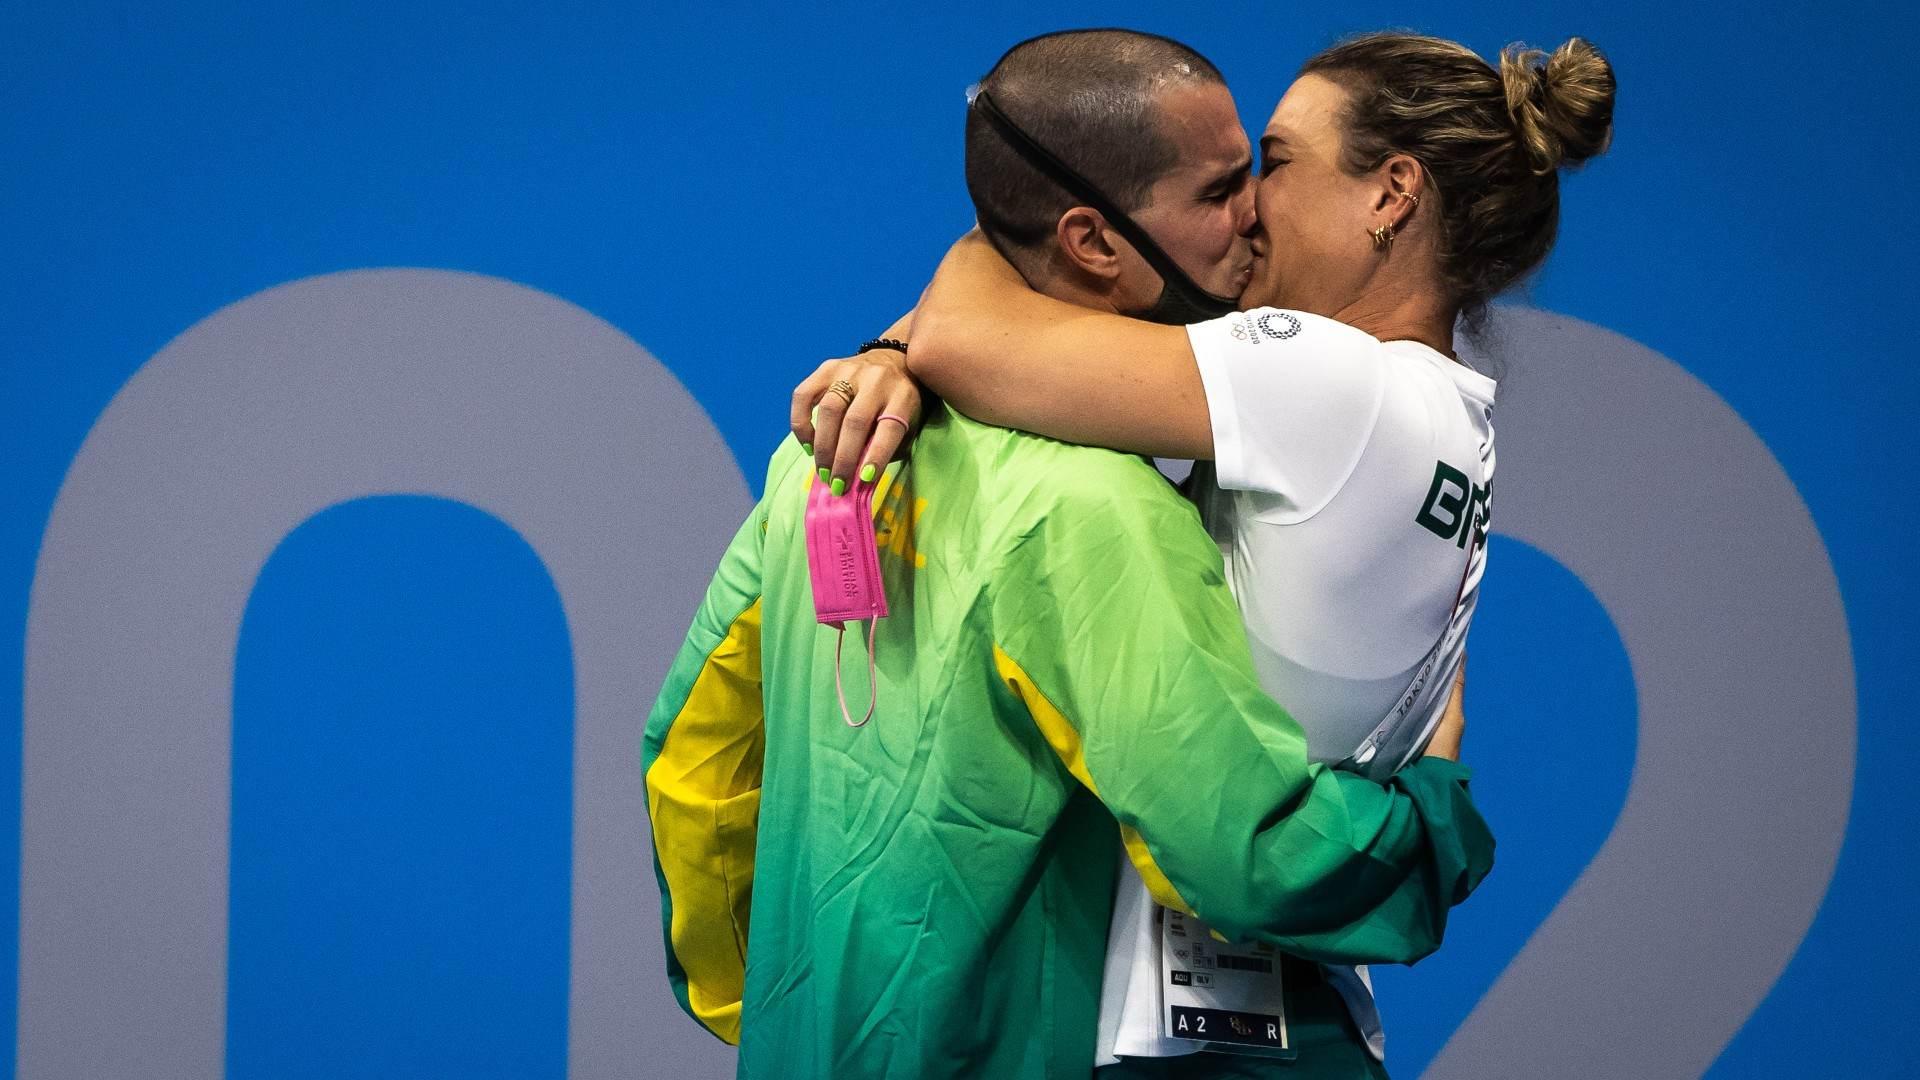 Bruno Fratus comemorou sua conquista com sua esposa e treinadora, Michelle Lenha